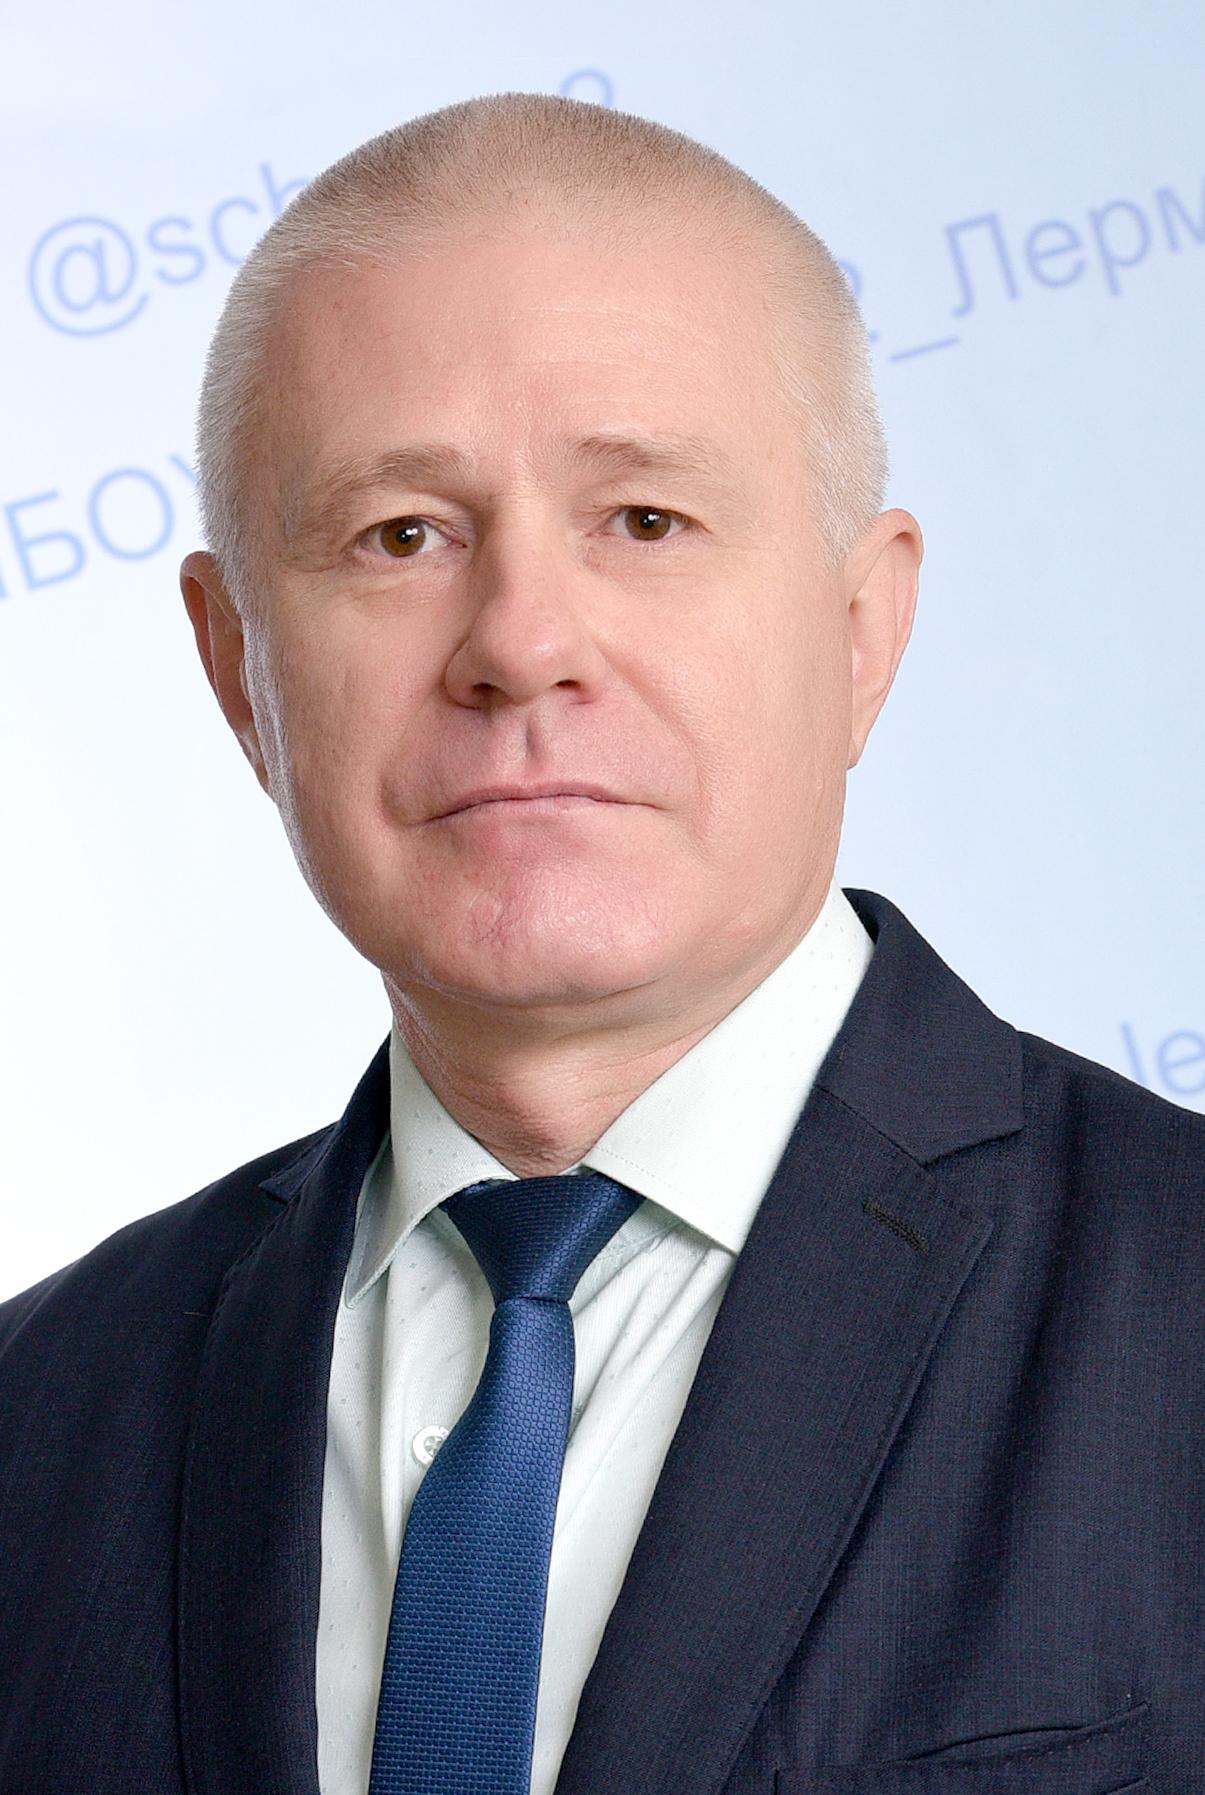 Директор Коломиец Михаил Николаевич